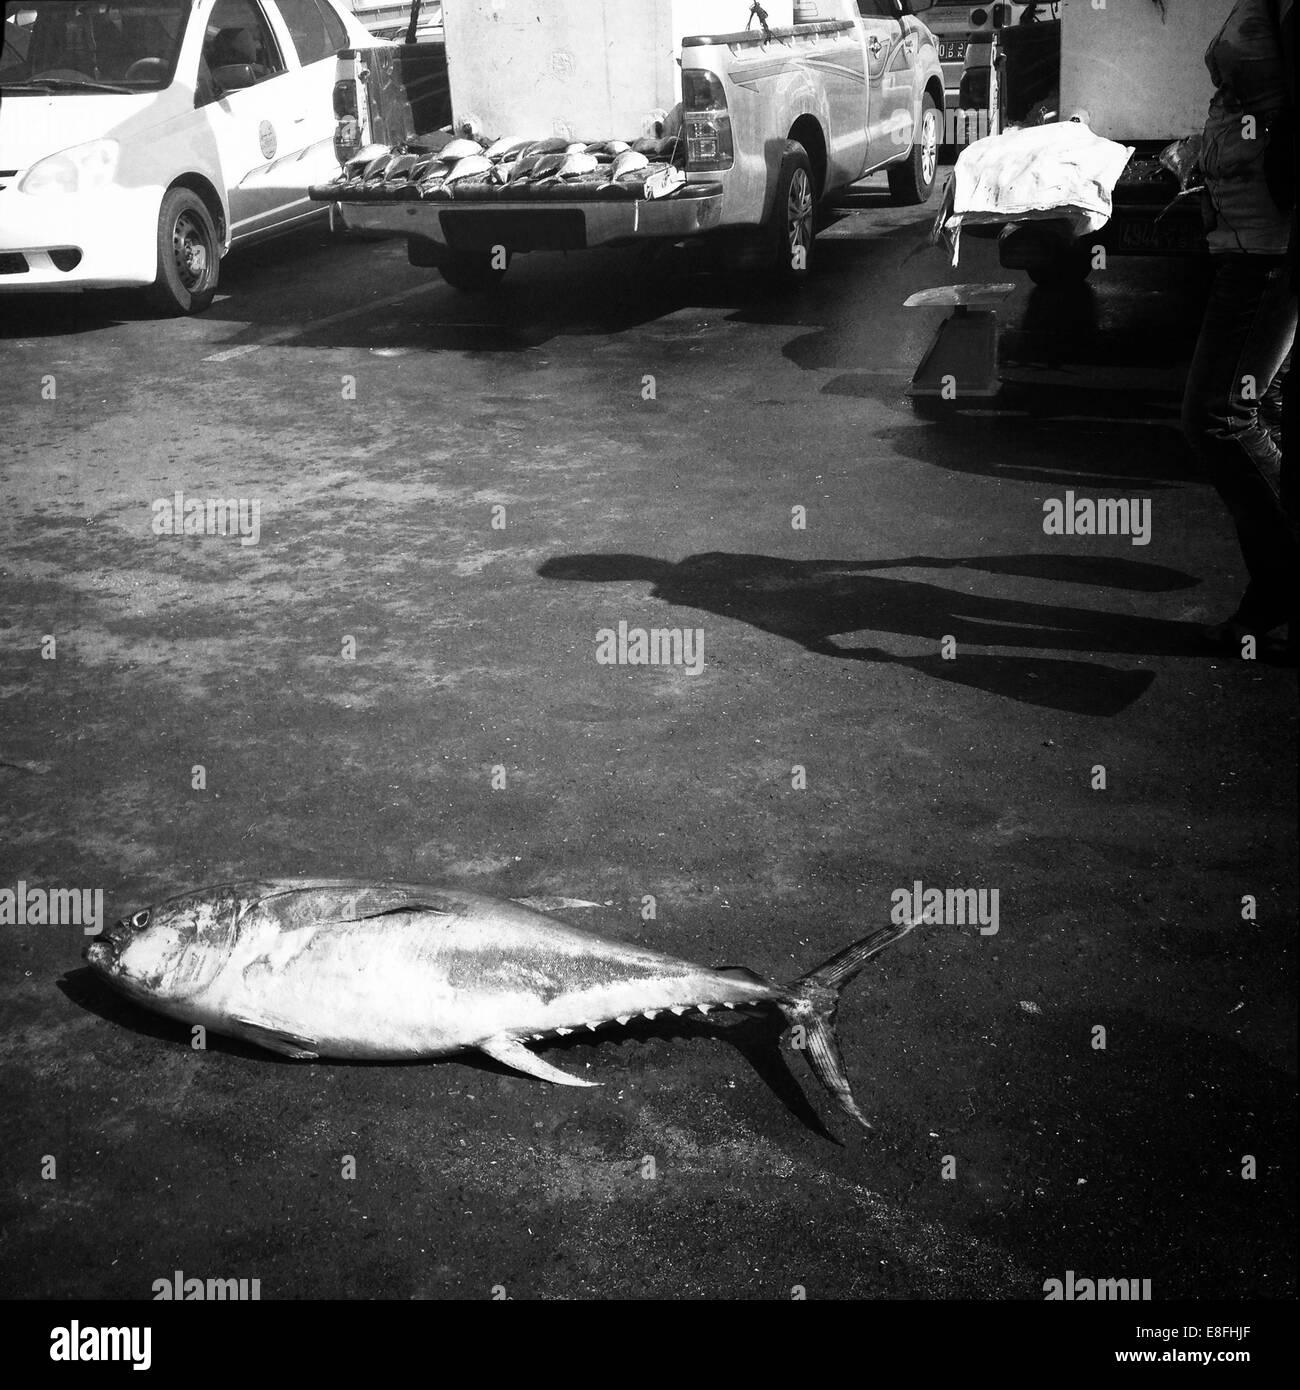 Oman, Muscat, Yellowfin tuna on floor of fish market - Stock Image